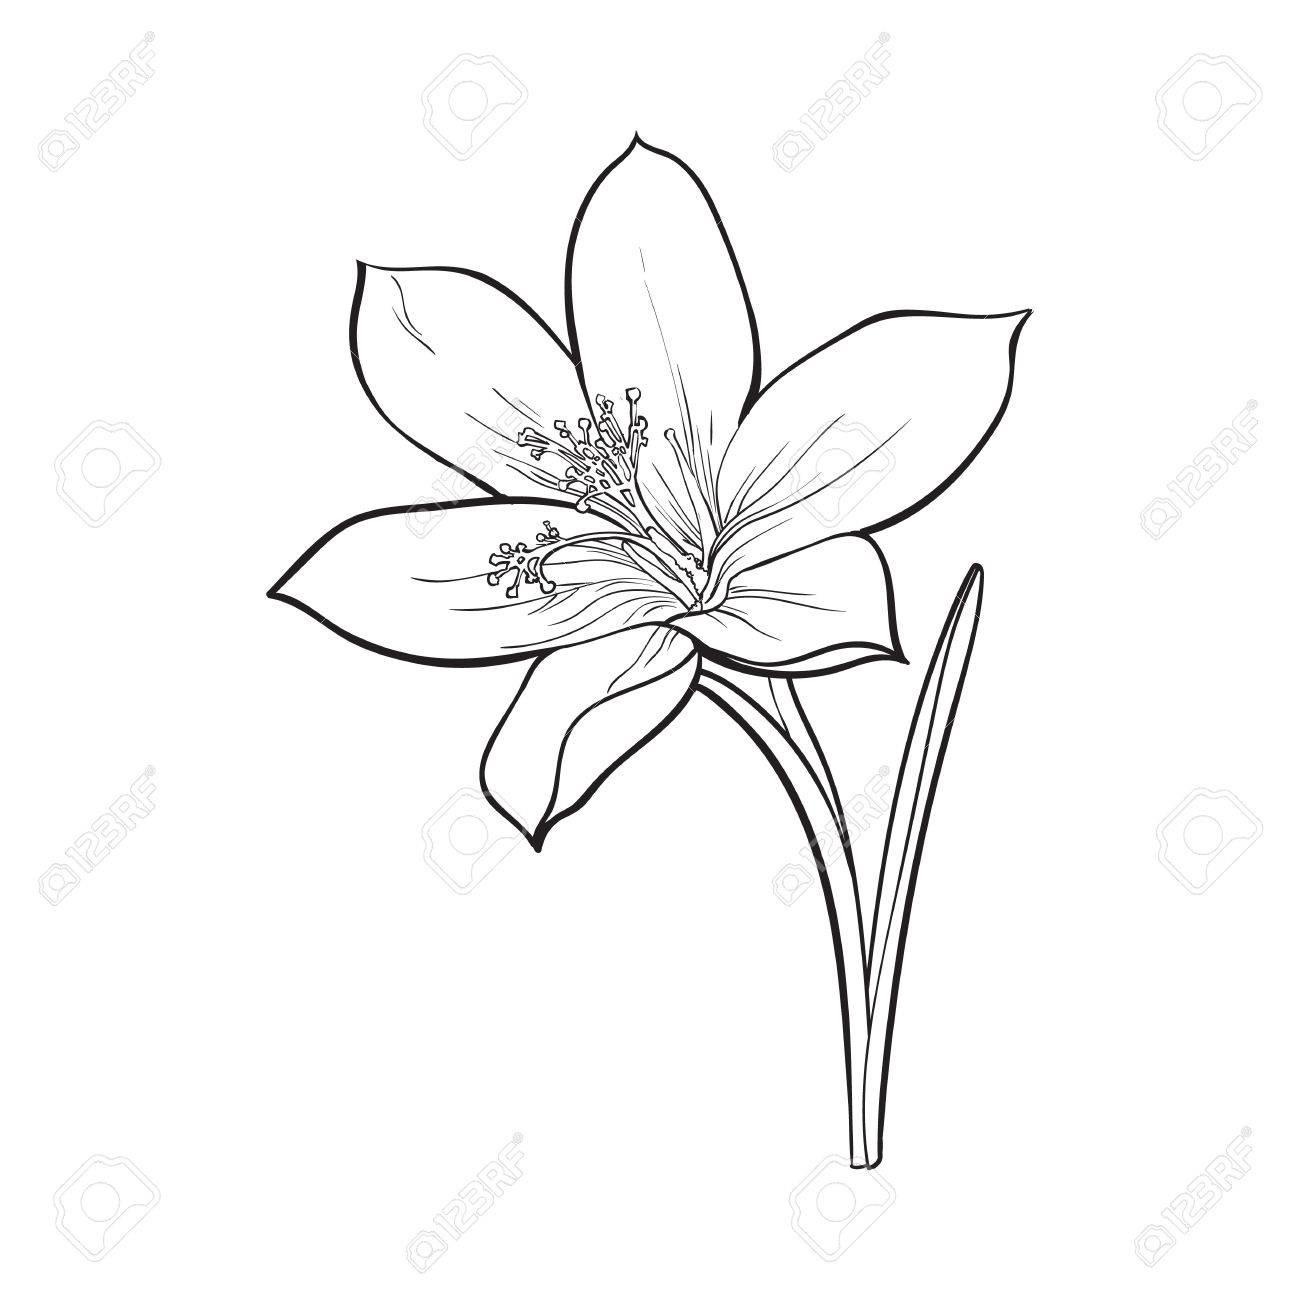 Spring Flower Drawing At Getdrawings